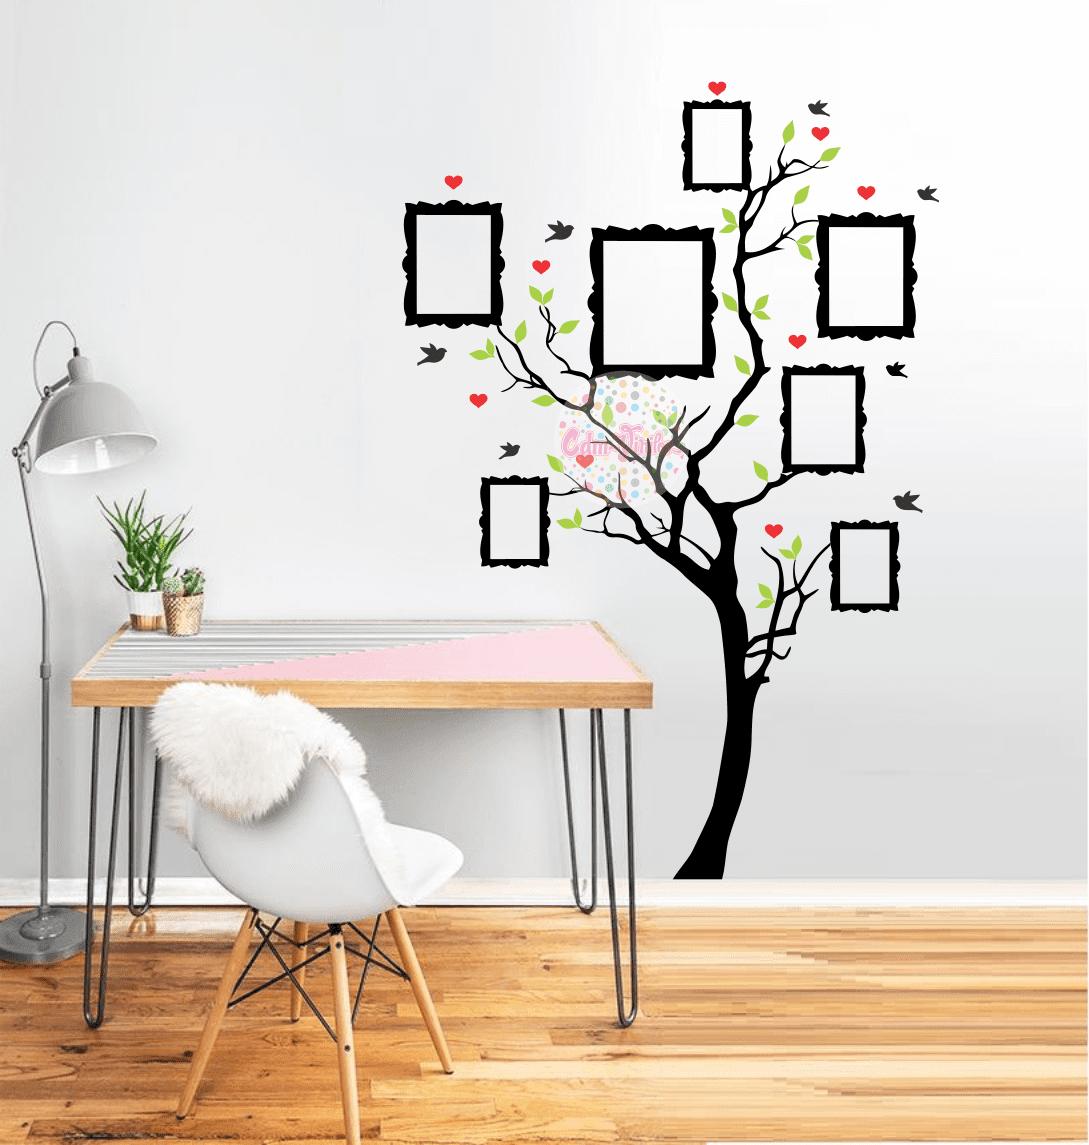 Arboles de vinilo para pared rbol con pjaros fotos de for Vinilos decorativos arboles